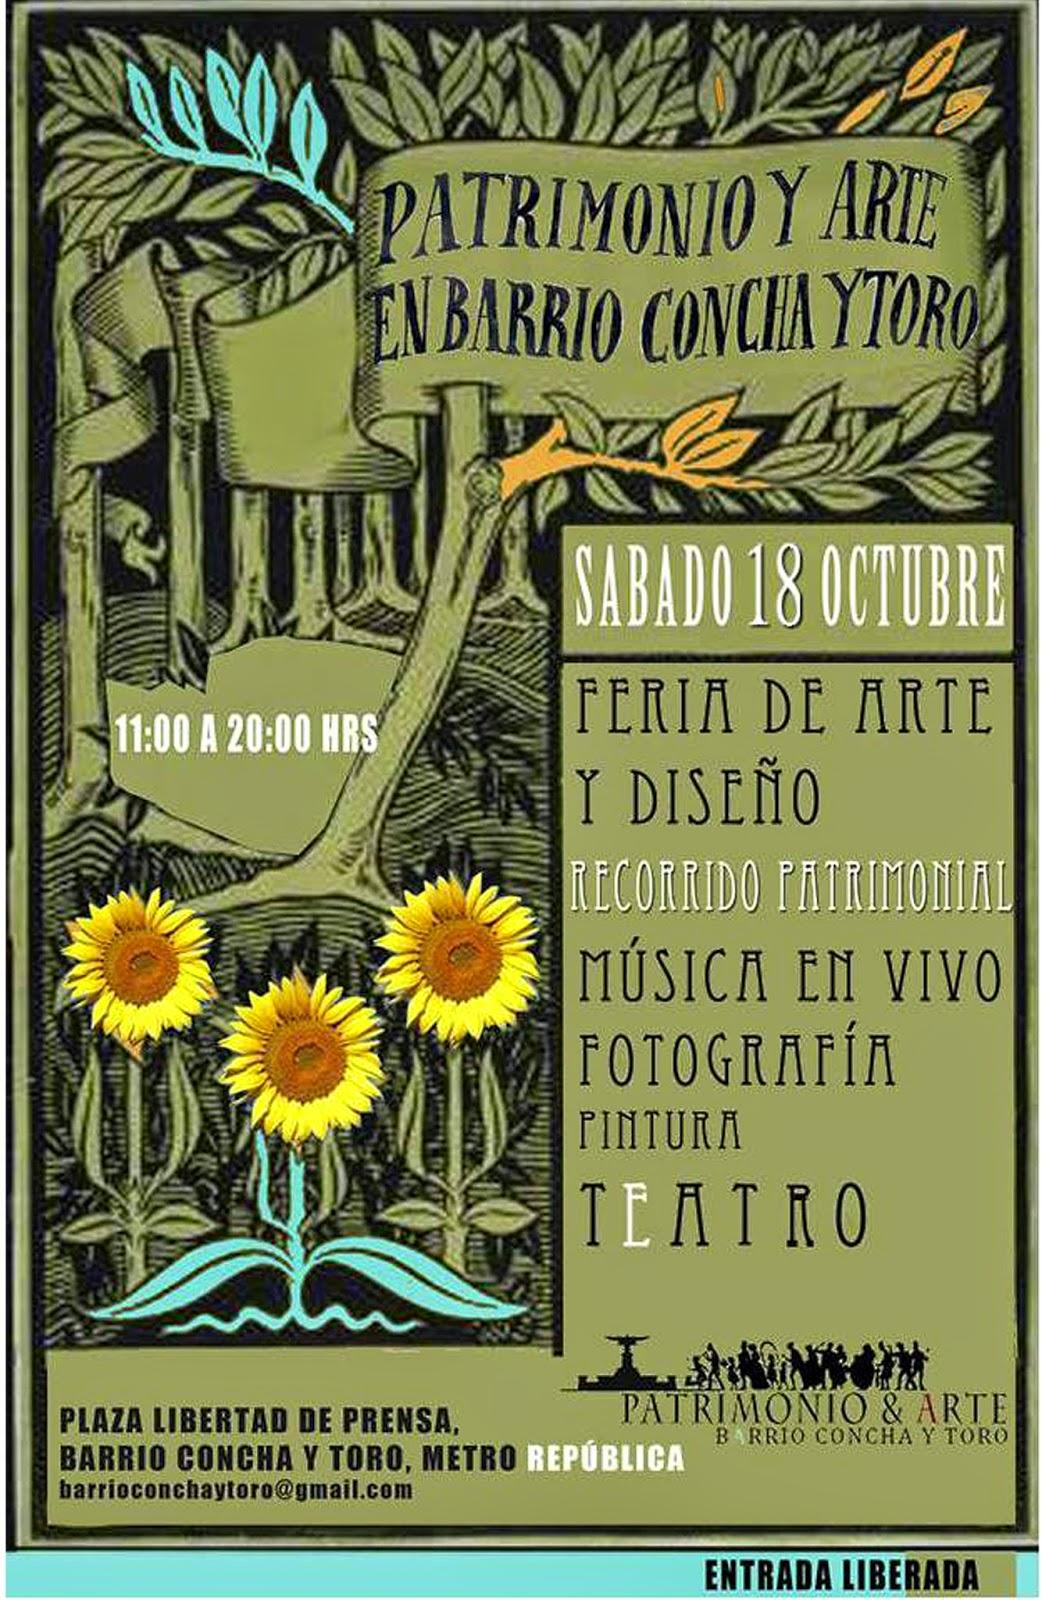 Arte y Cultura en Plaza de la Libertad de Prensa del Barrio Concha y Toro de Santiago